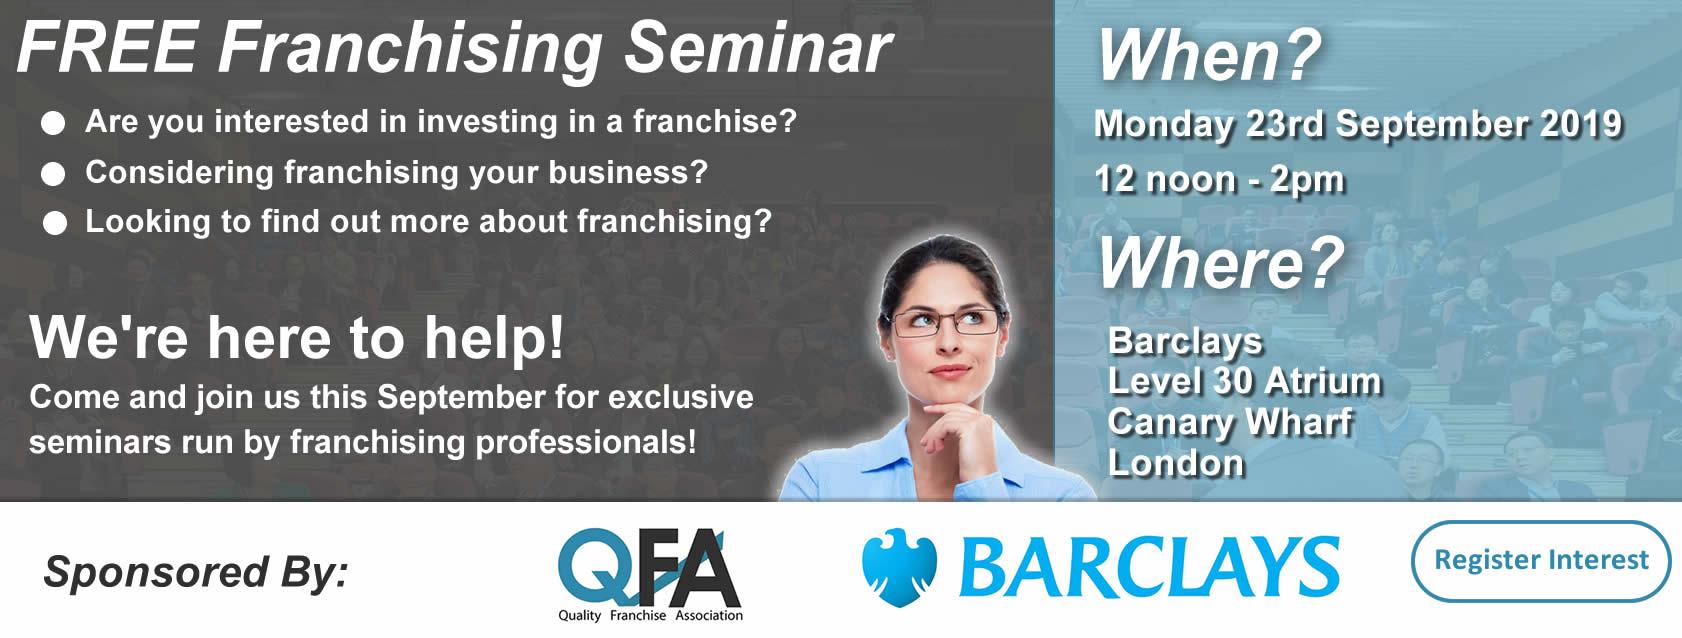 QFA Franchising Seminar Banner